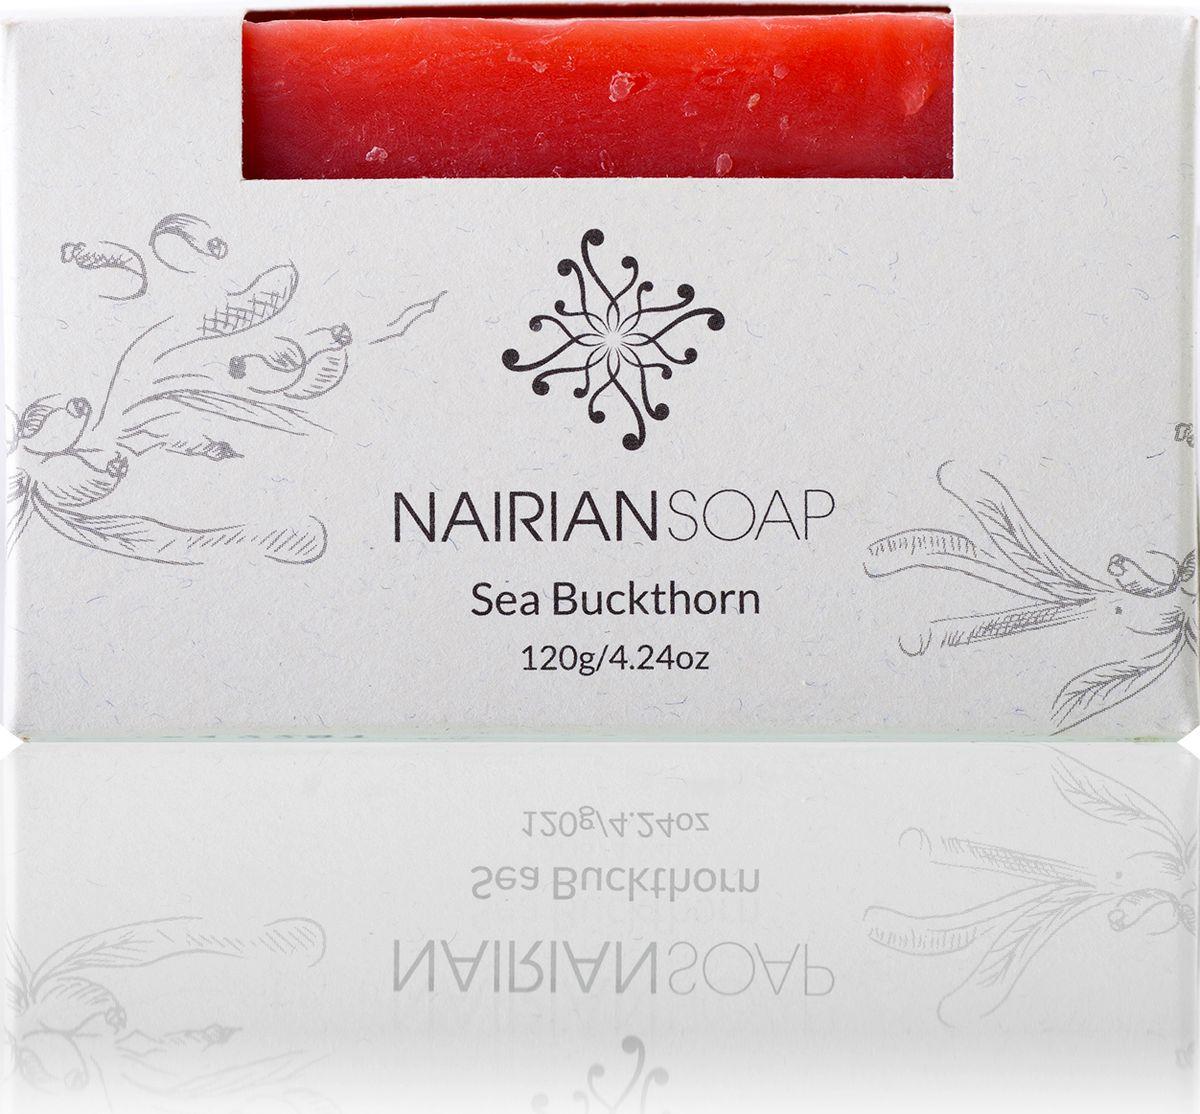 Nairian Мыло, облепиха, 120 г0910-7379Содержит 100% чистого облепихового масла, полученного в процессе экстракции. А оно, как известно, восстанавливает кожные клетки и помогает заживлять ожоги (в том числе солнечные), порезы, ранки, лечить высыпания. Кроме того, в состав мыла входит ментол, обладающий охлаждающими и аналгезирующими свойствами, а также успокаивающий уставшие и болящие мышцы. Благодаря восстанавливающим способностям облепихи и охлаждающему, обезболивающему ментолу это мыло подходит для всего тела (кроме интимных участков и области вокруг глаз) и даже может служить в качестве пены для бритья.